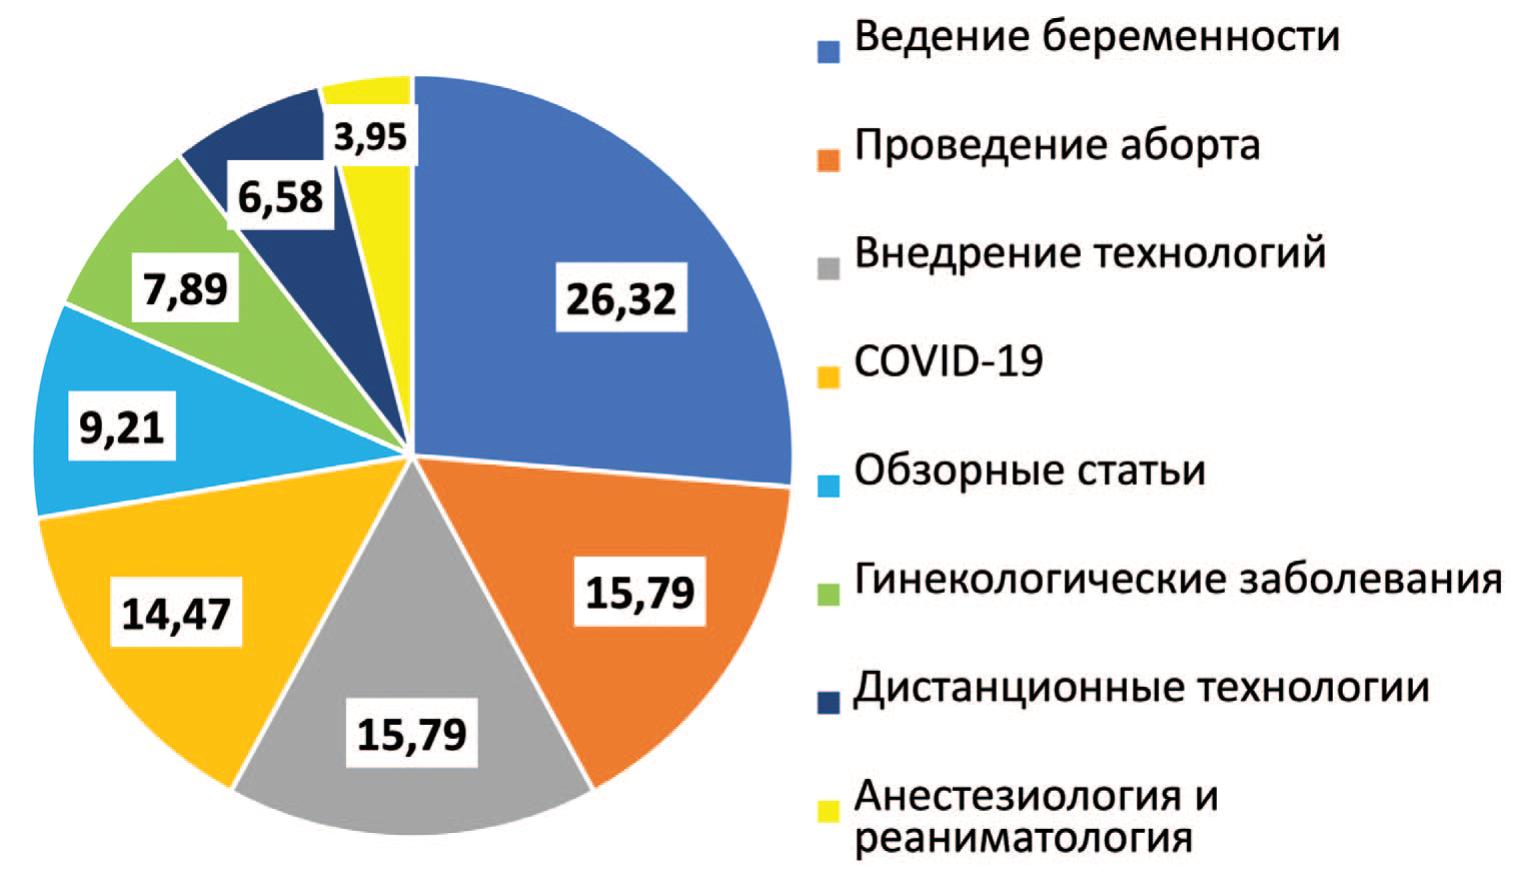 Основная тематика публикаций, посвященных телеакушерству и телегинекологии, за 1999-2020 г.